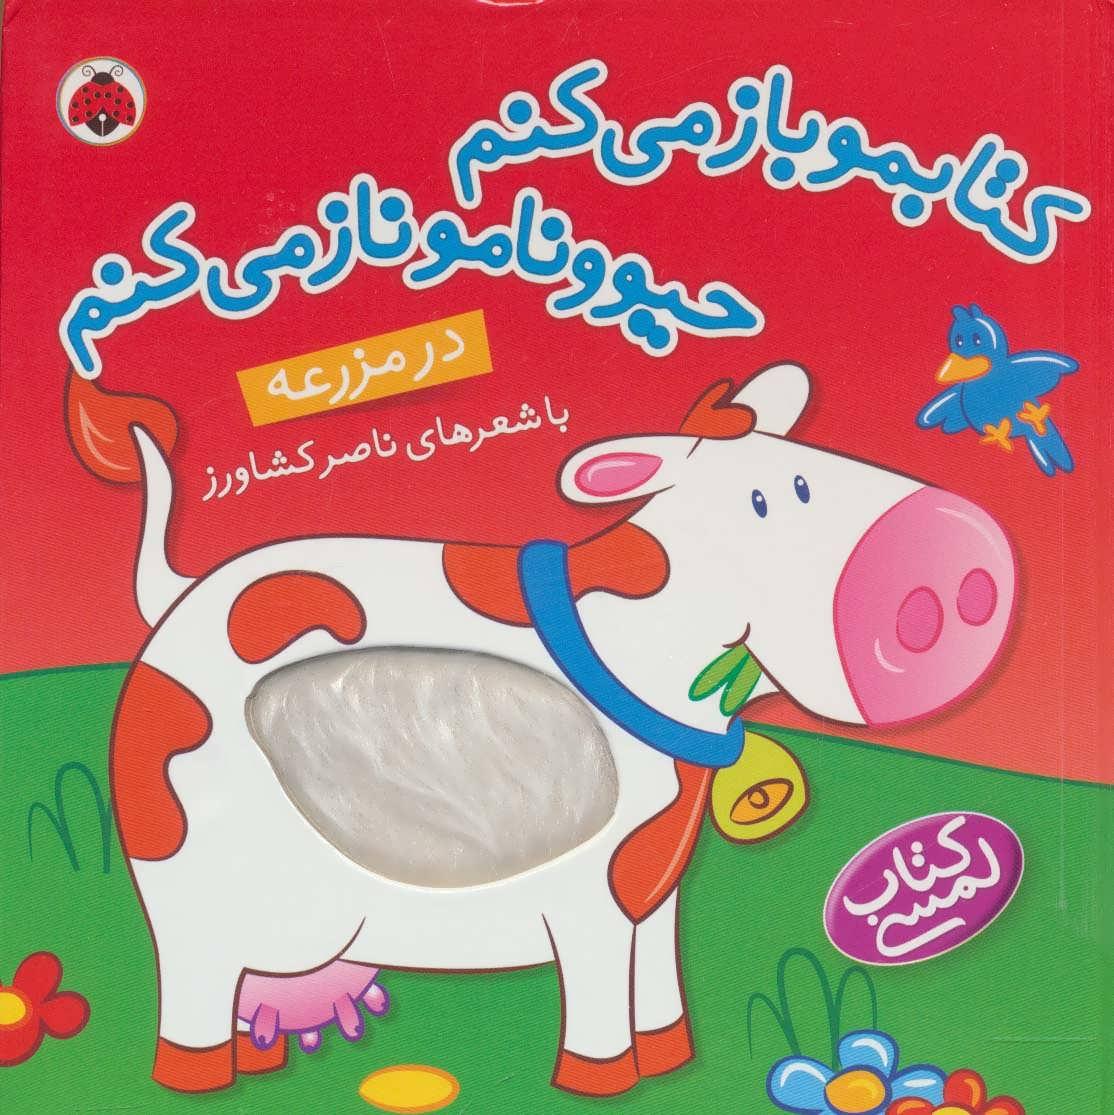 کتابمو باز می کنم حیوونامو ناز می کنم (در مزرعه)،(گلاسه)